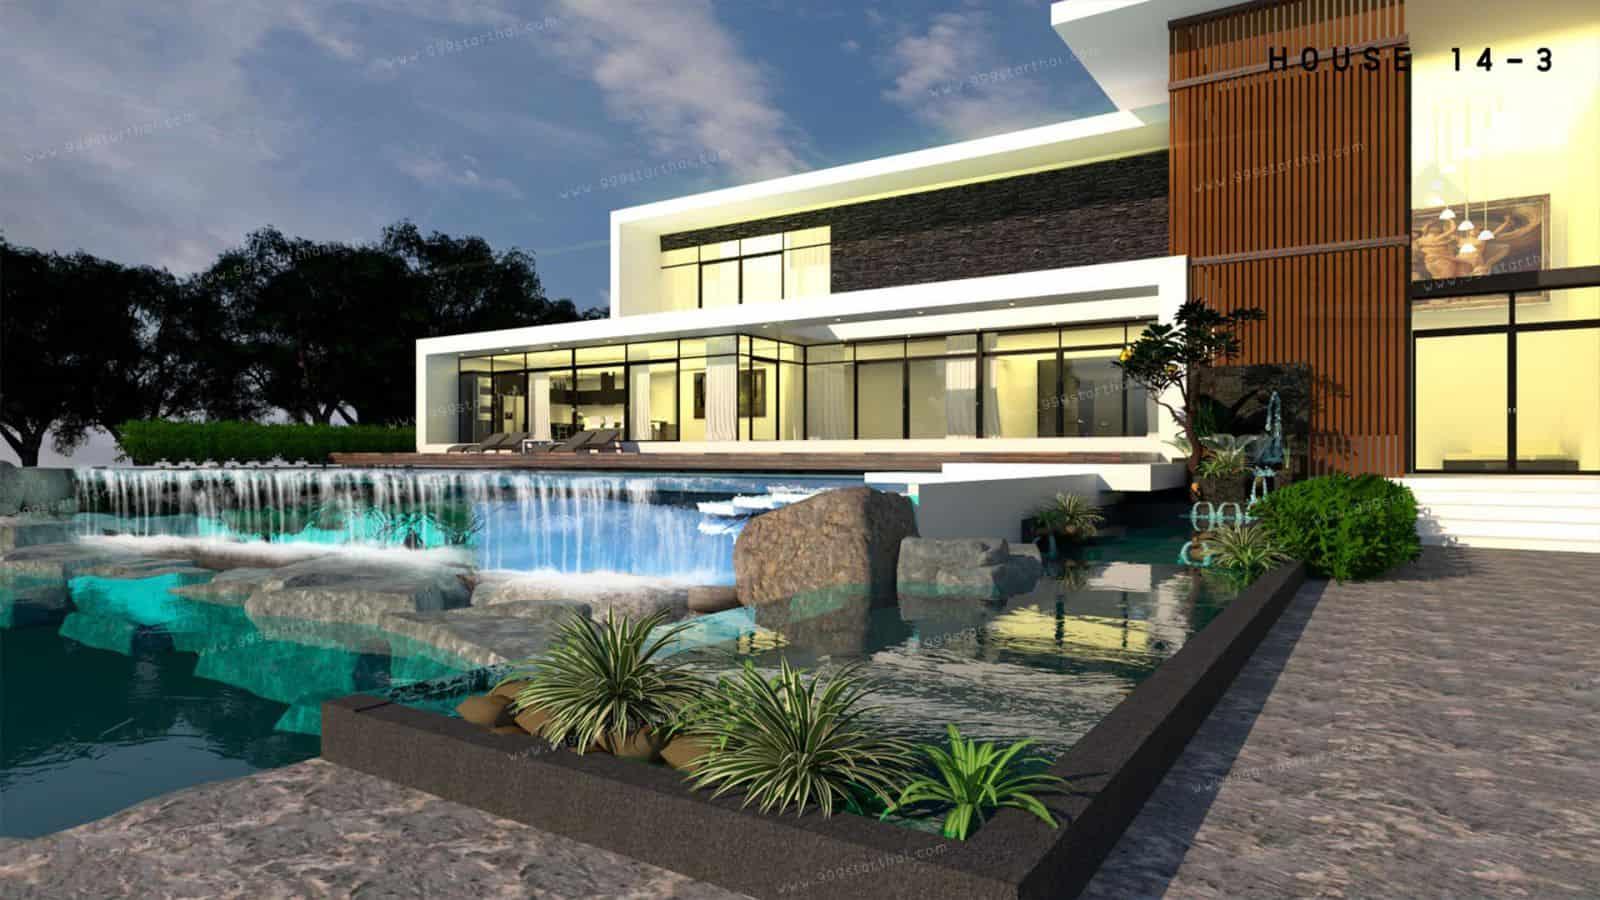 ออกแบบบ้าน-14.3